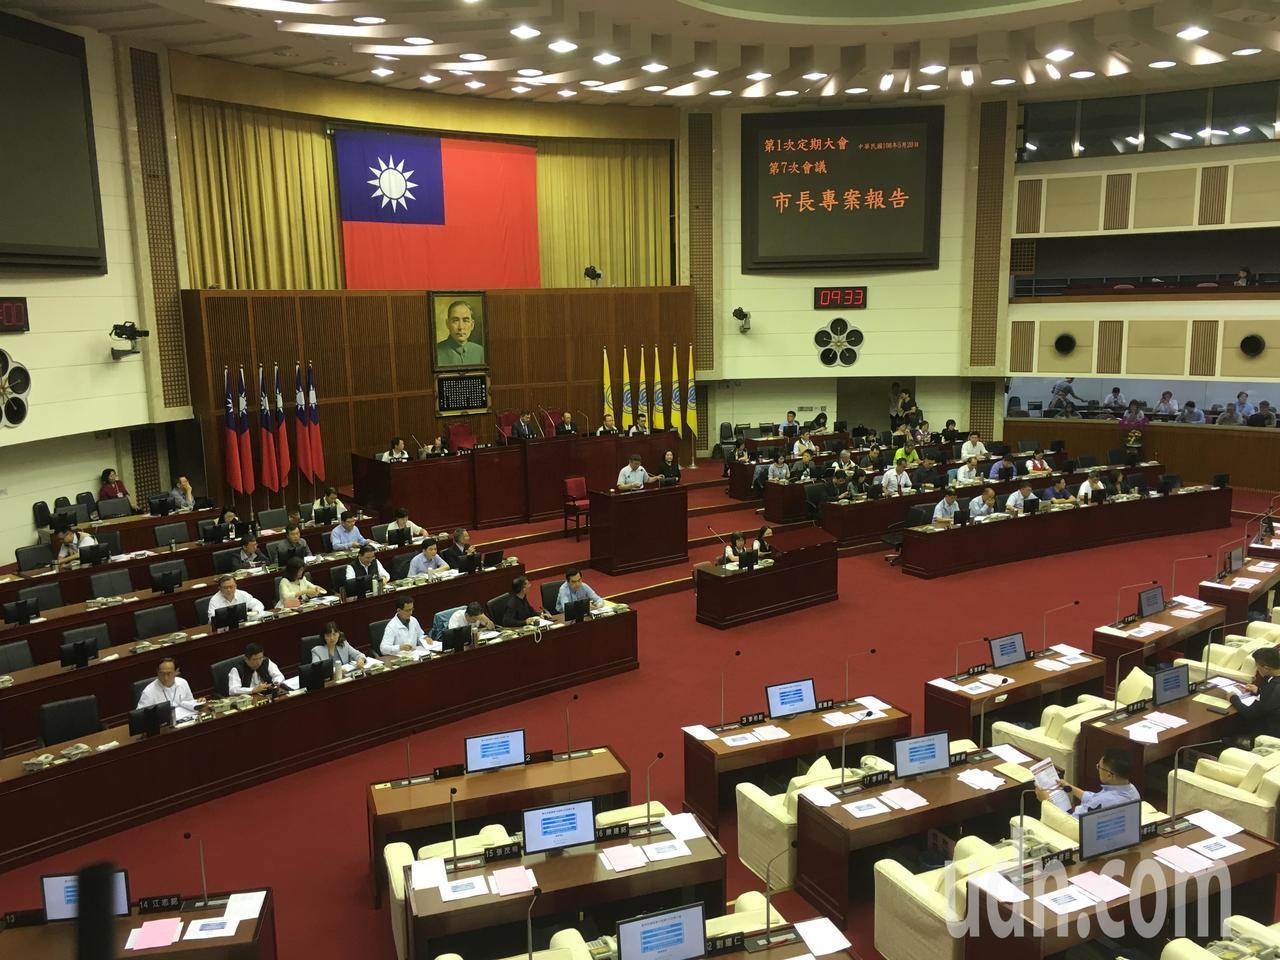 台北市長柯文哲今天赴市議會專案報告。記者張世杰/攝影